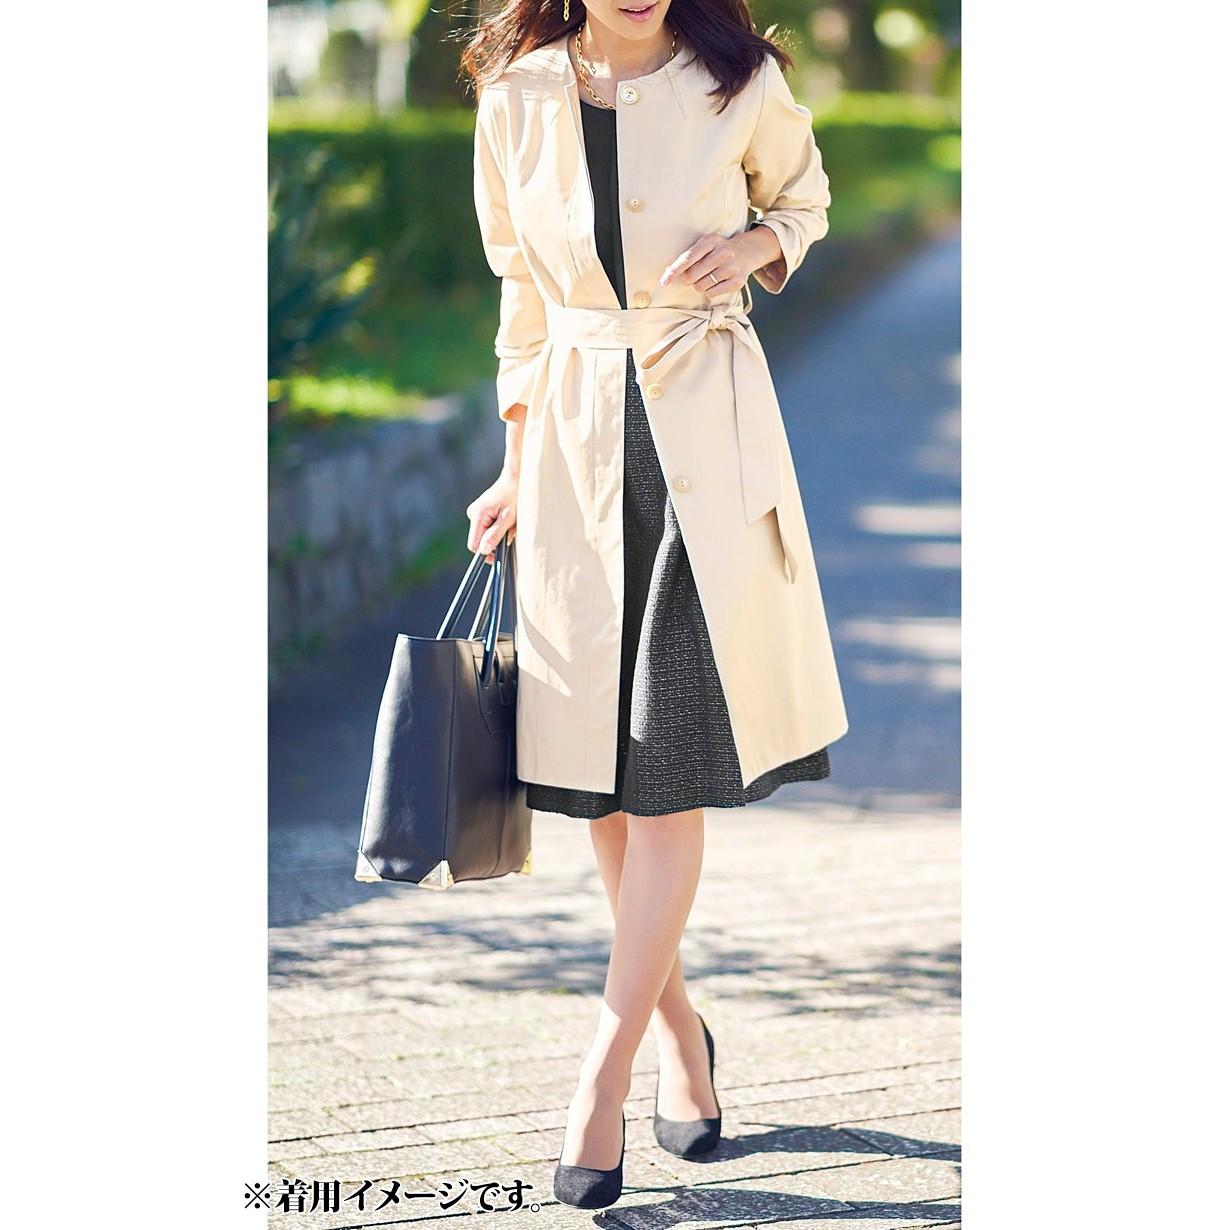 華やかなベージュなら、エレガントな雰囲気に。ひざ丈スカートとのバランスが美しい丈感。ベルトを結べば、こなれた女性らしさが出せます。